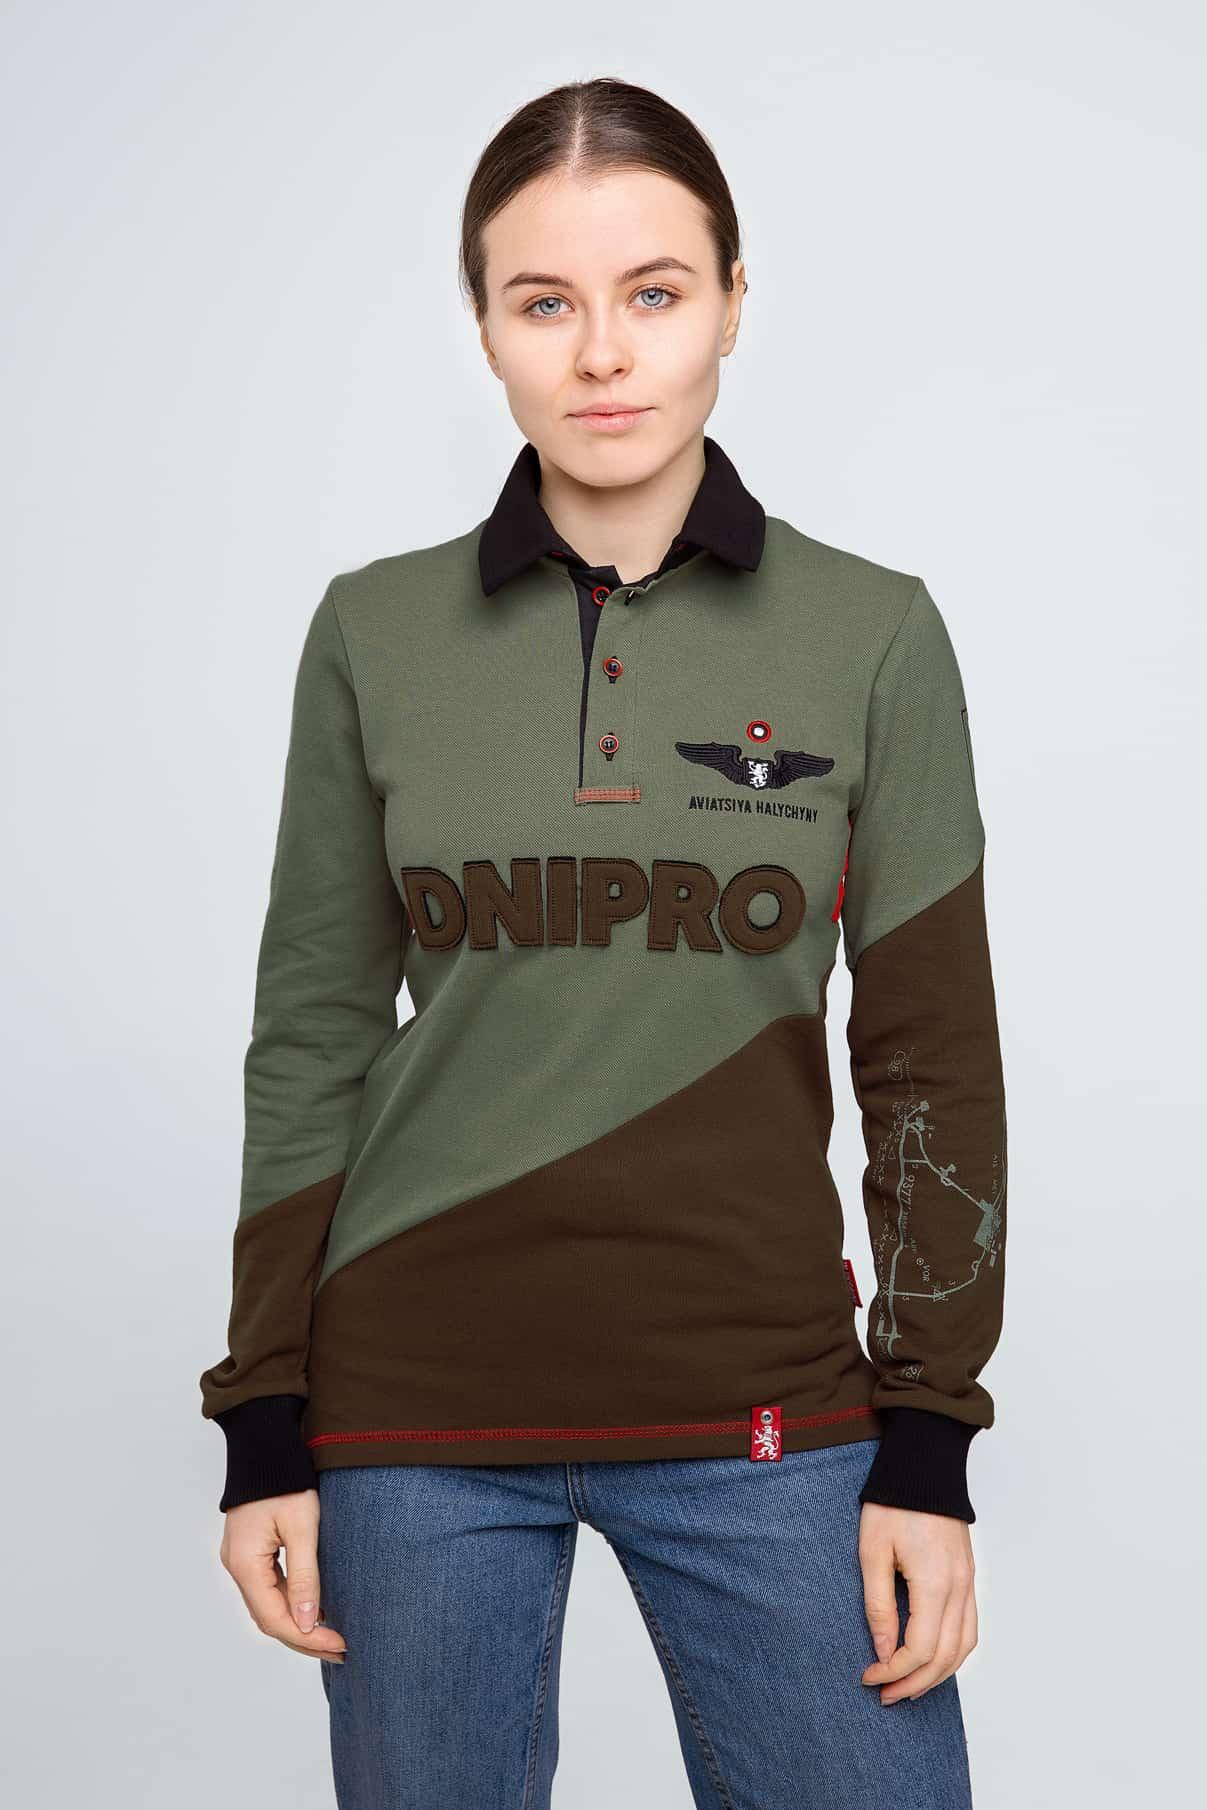 Жіноче Поло-Лонґ Dnipro. Колір зелений. Поло-лонґ унісекс (розміри чоловічі).